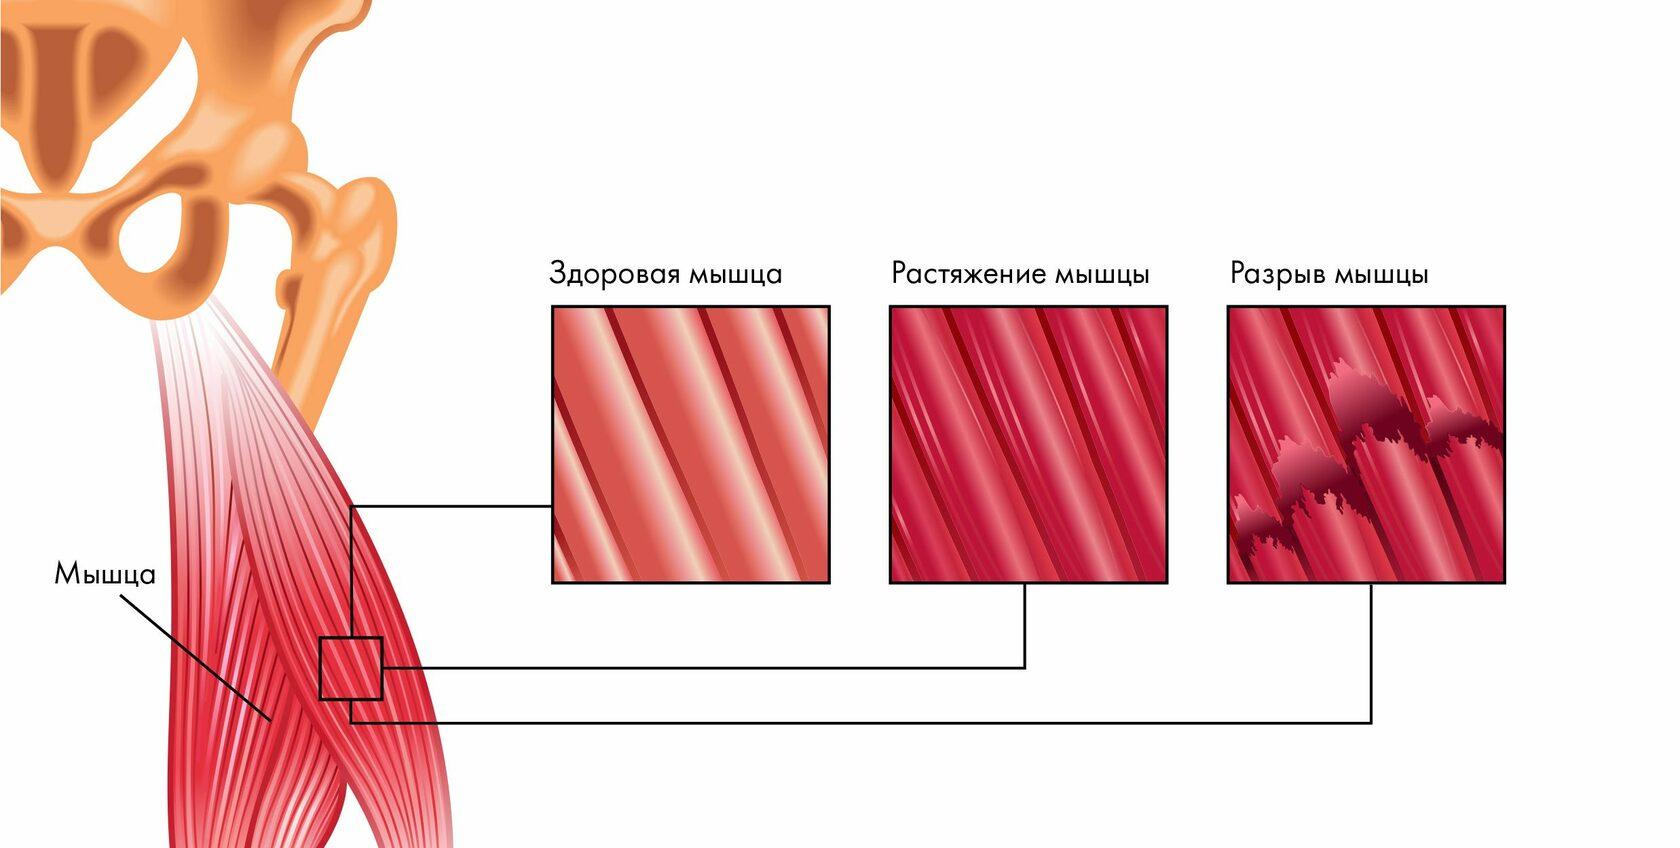 Растяжение мышц при сорванной спине